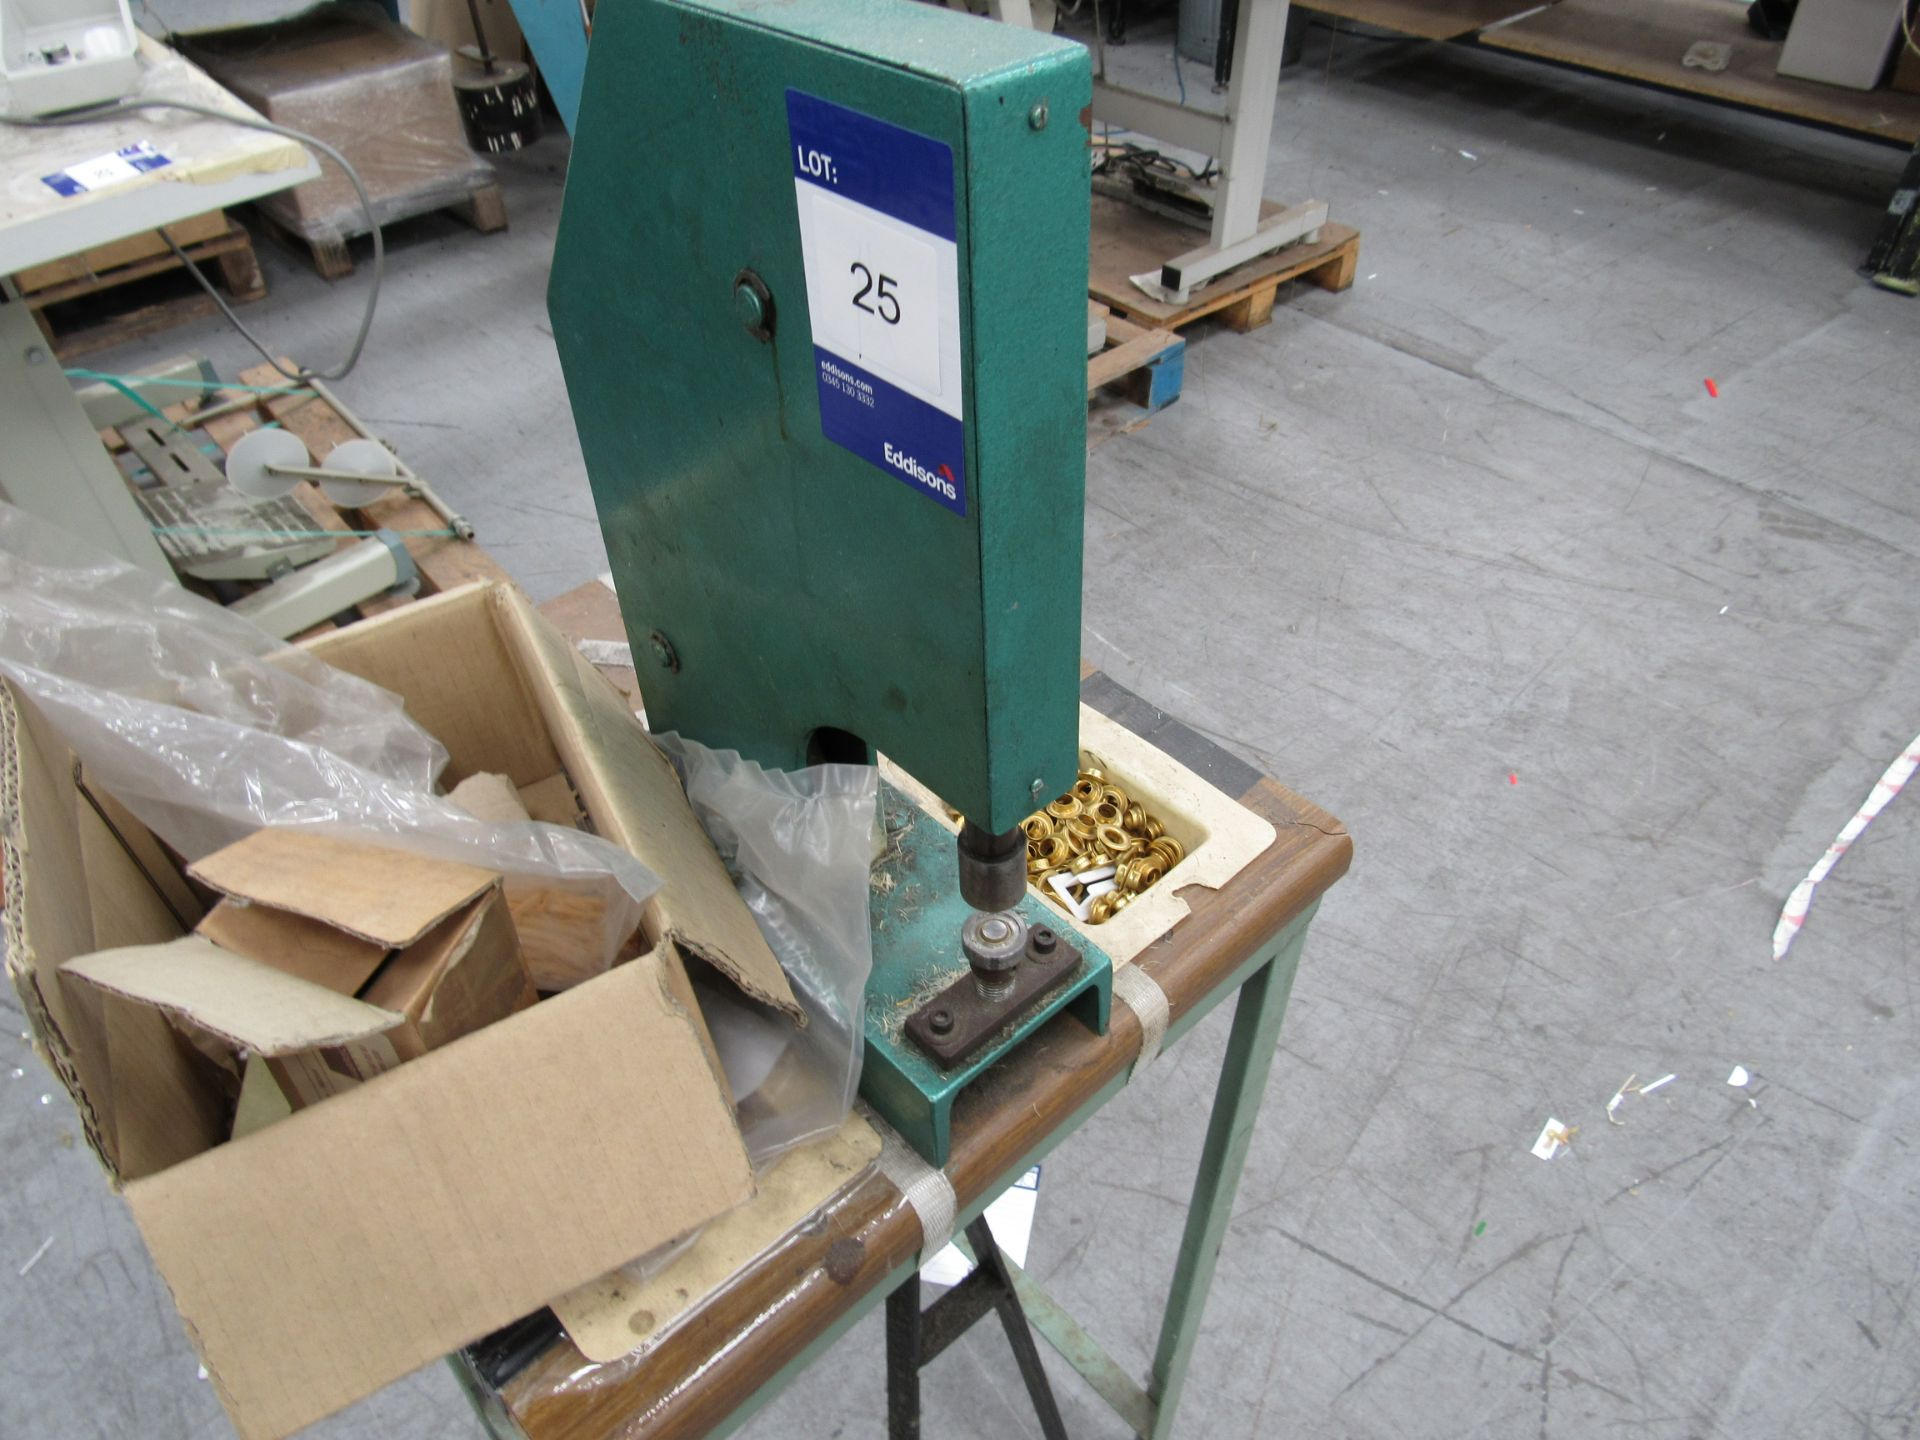 Treadle Operated Eyelet Press - Image 2 of 2